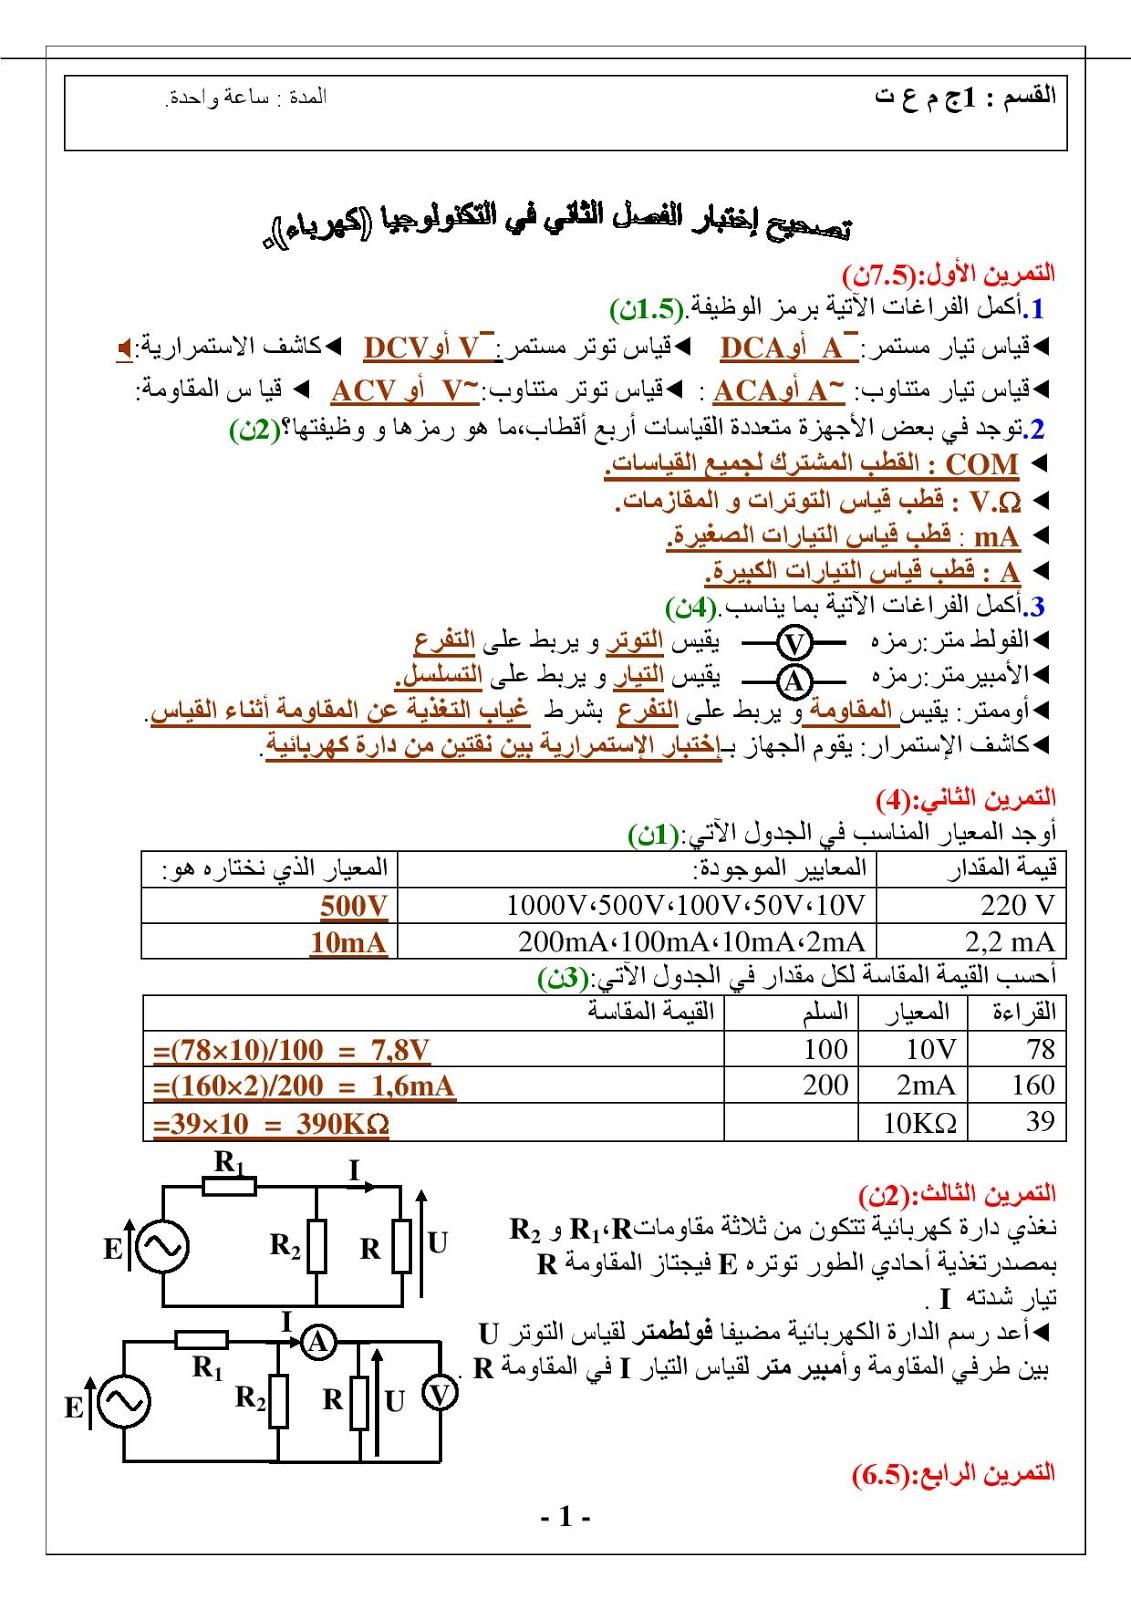 اختبار الفصل الأول في الهندسة الكهربائية -تكنولوجيا-  مع التصحيح للسنة أولى ثانوي جذع مشترك علوم وتكنولوجيا